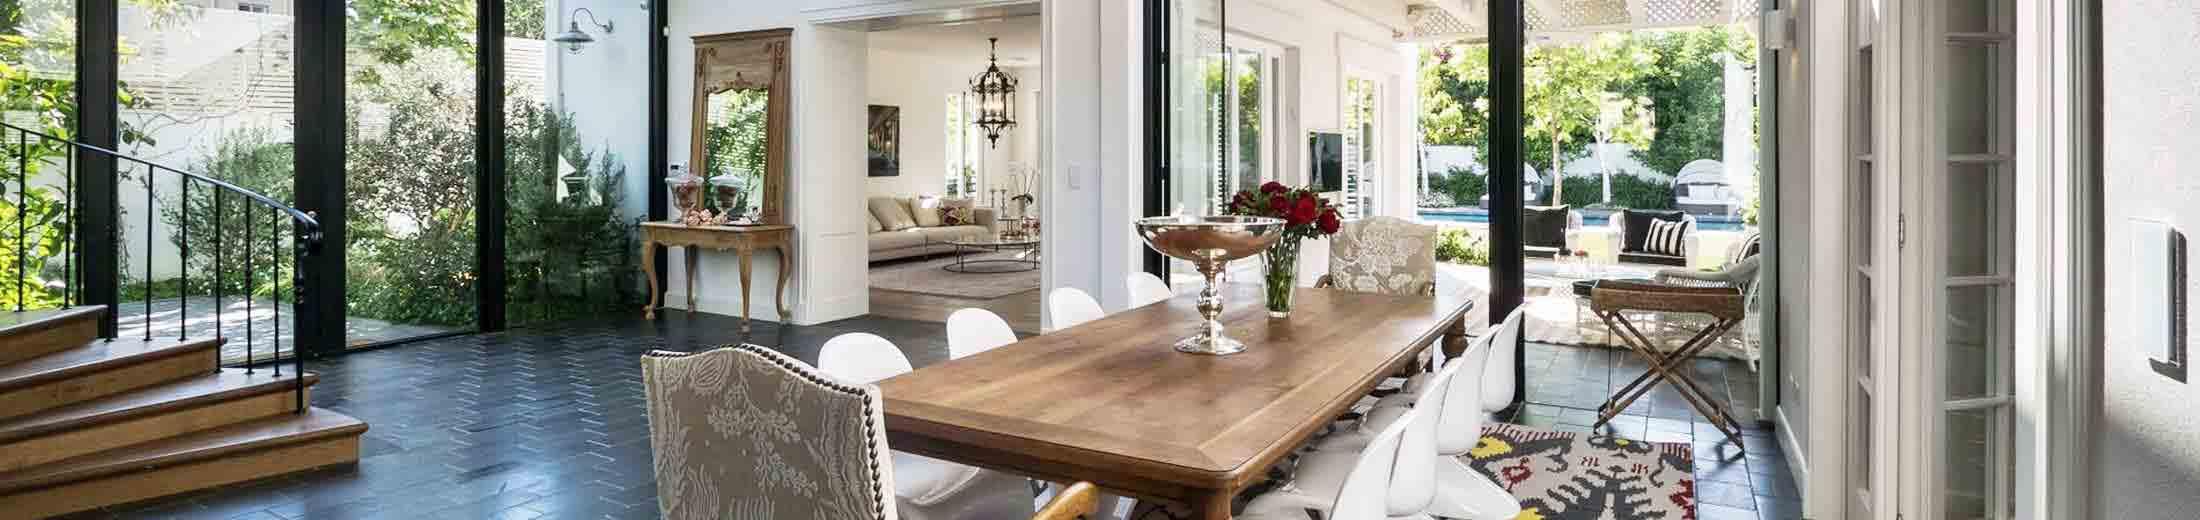 הדירה - פורטל לעיצוב הבית